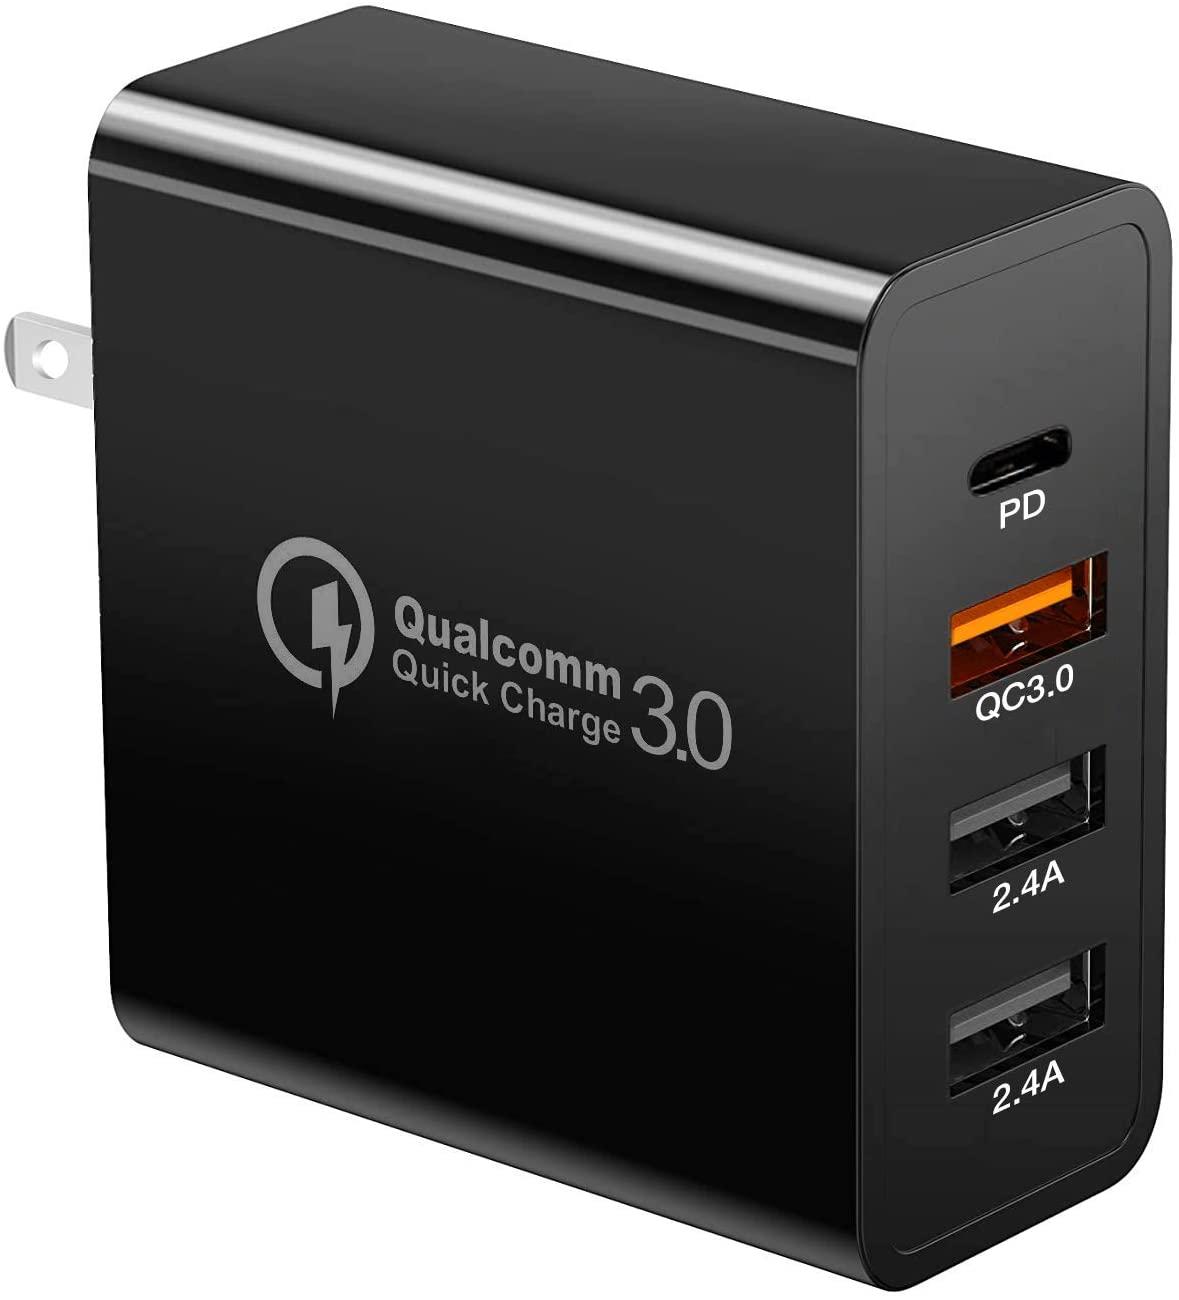 Cargador USB de 48W con un USB tipo C, dos USB tipo A 2.4 y un Quick Charge 3.0